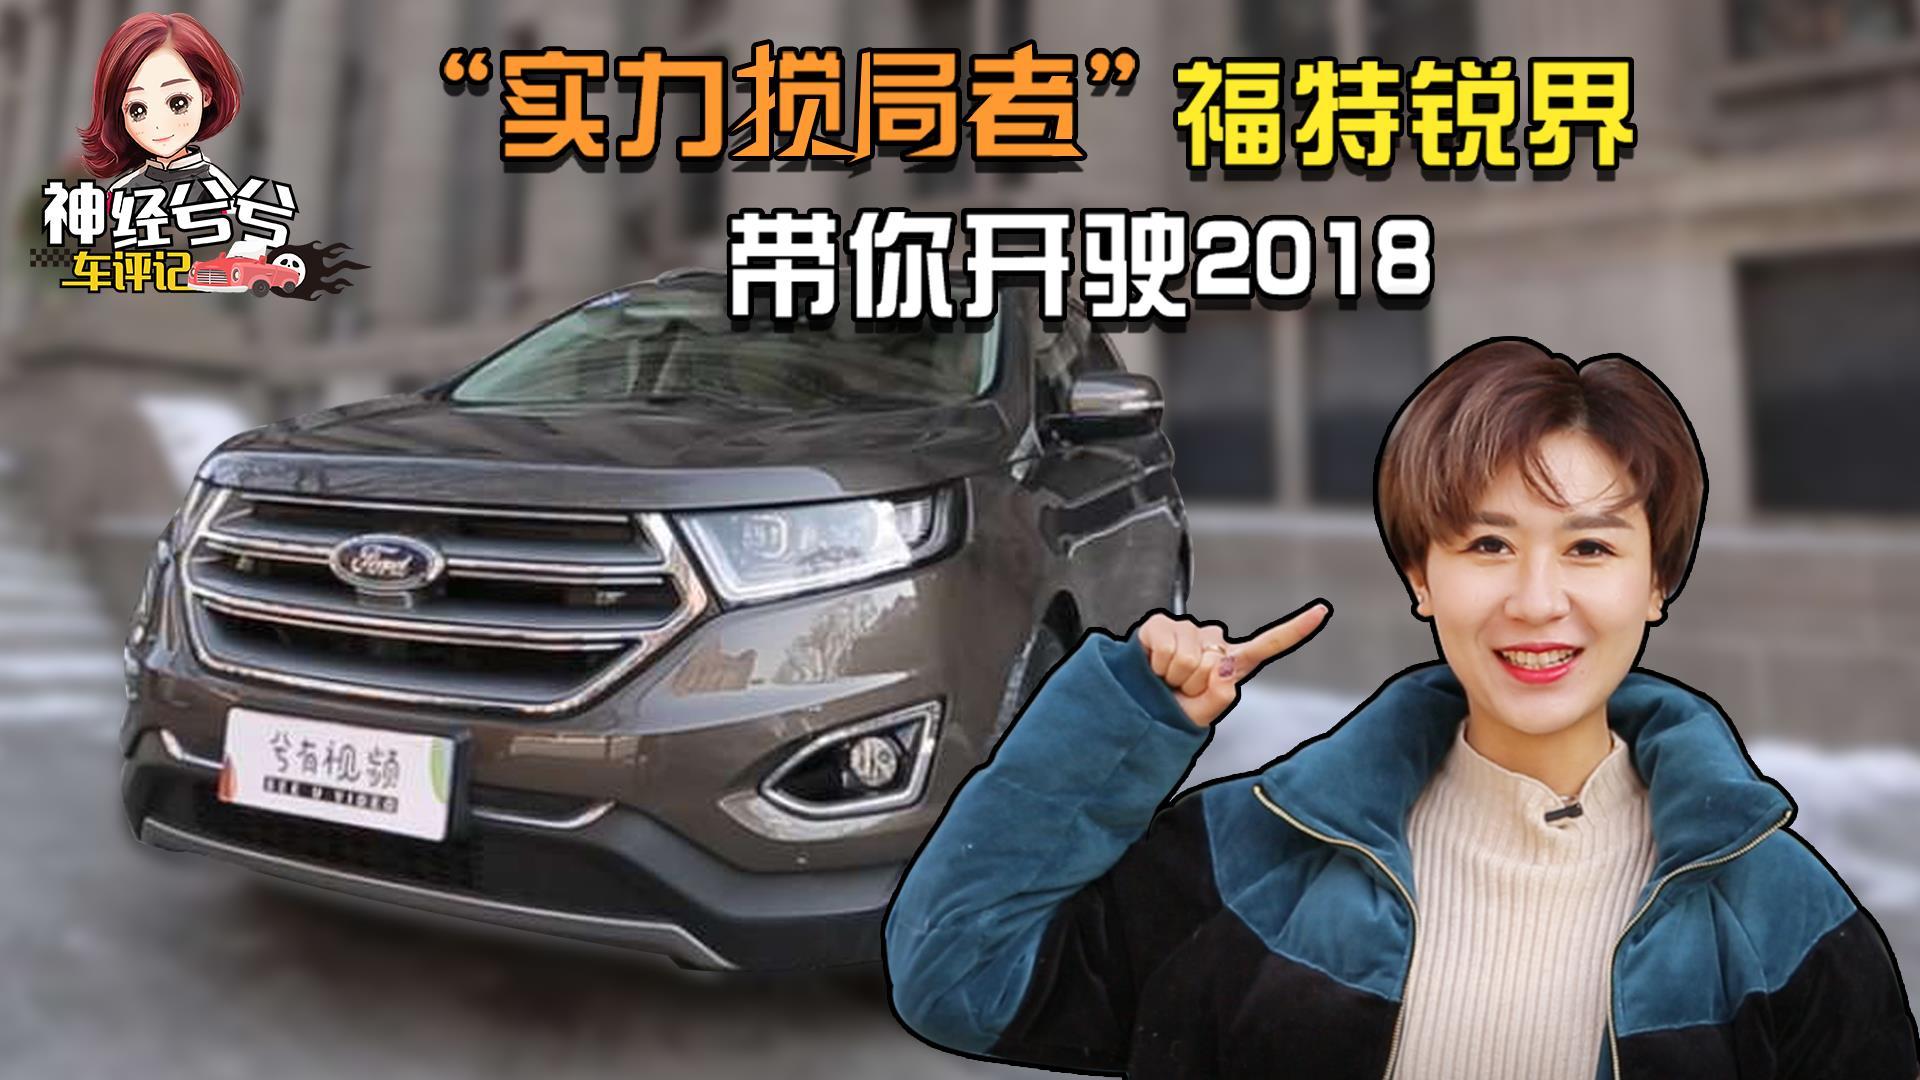 神经兮兮车评记:福特锐界,带你开驶2018!